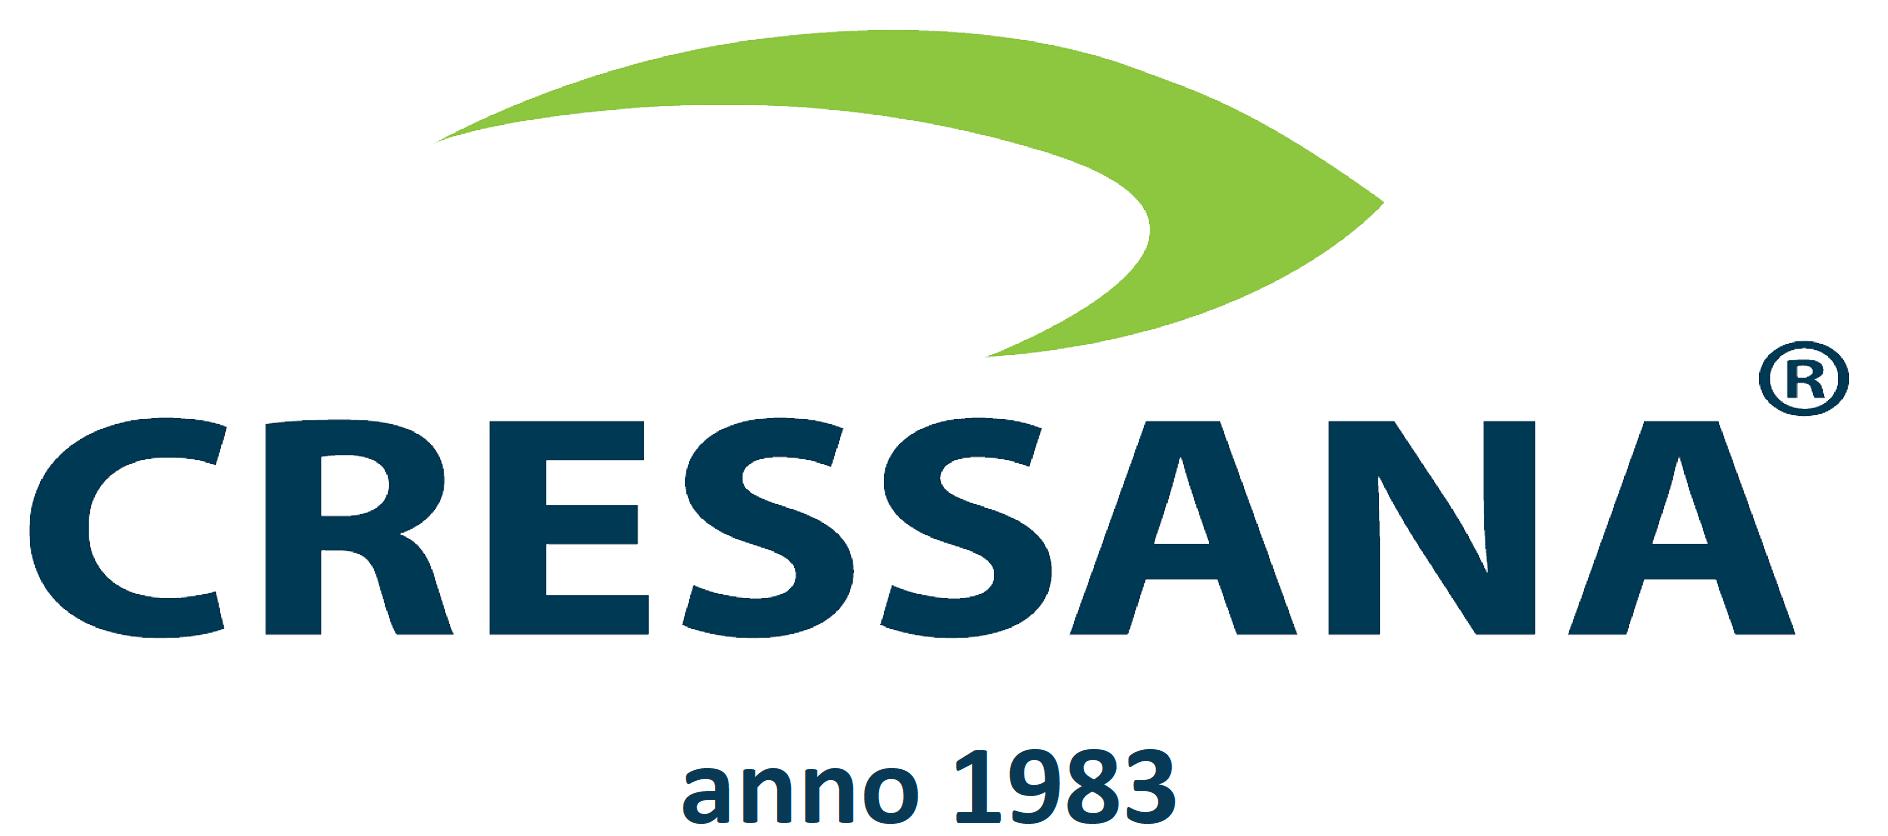 cressana logo